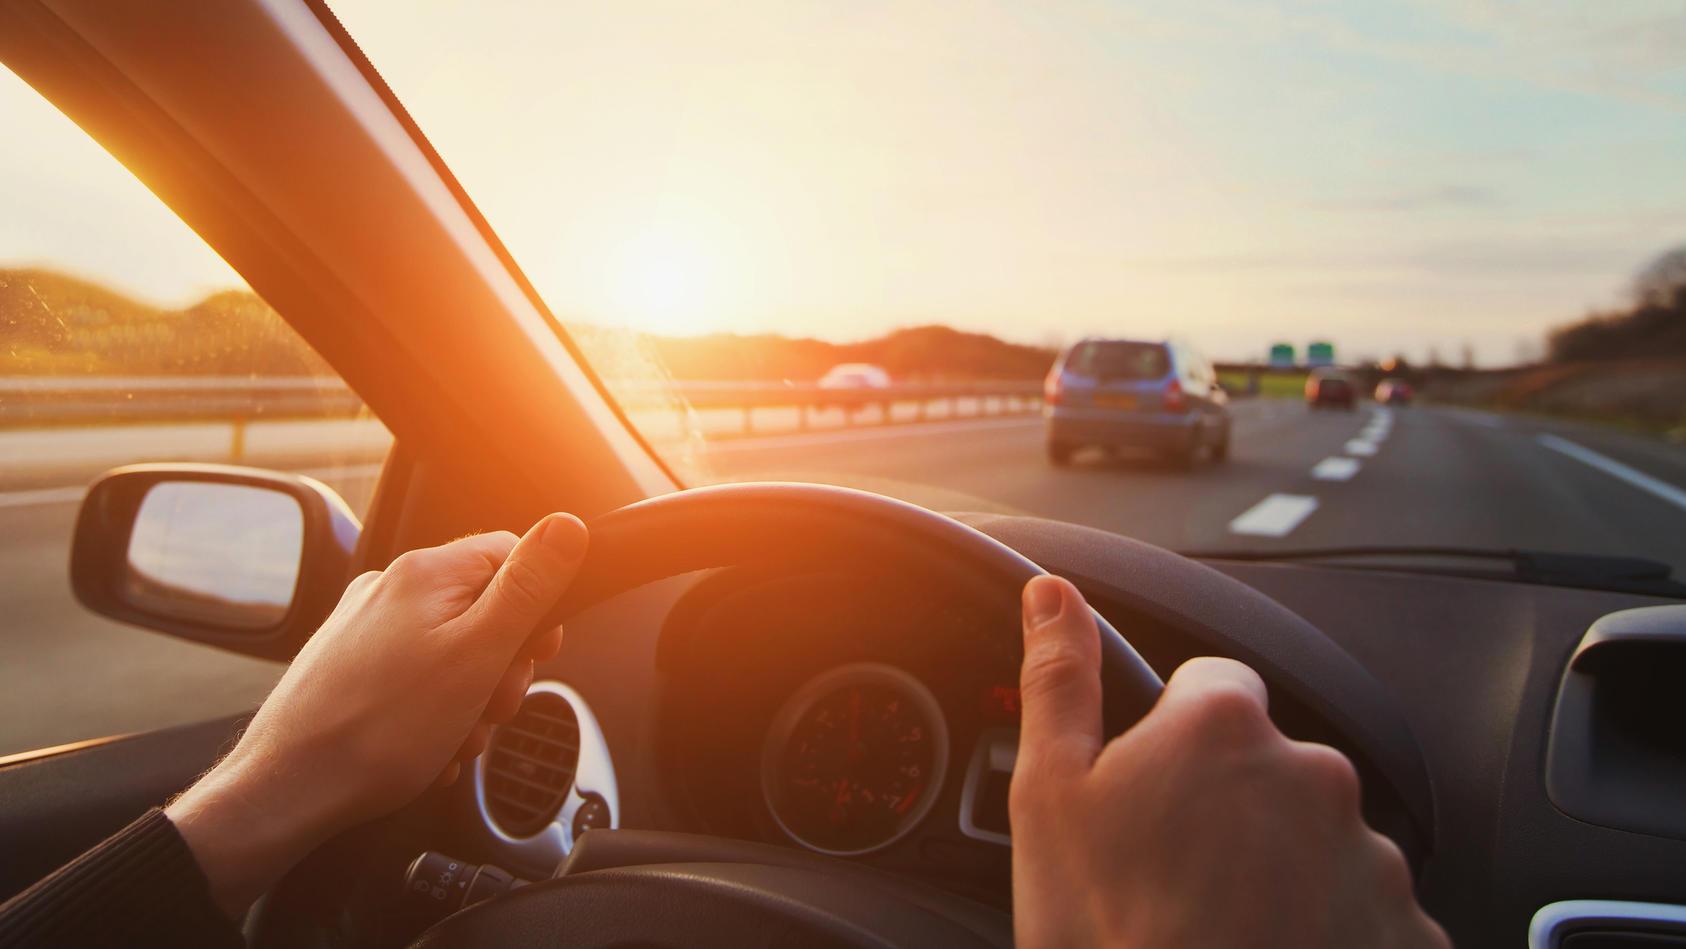 Beim Fahren auf der Autobahn sollten Sie besonders vorsichtig sein.